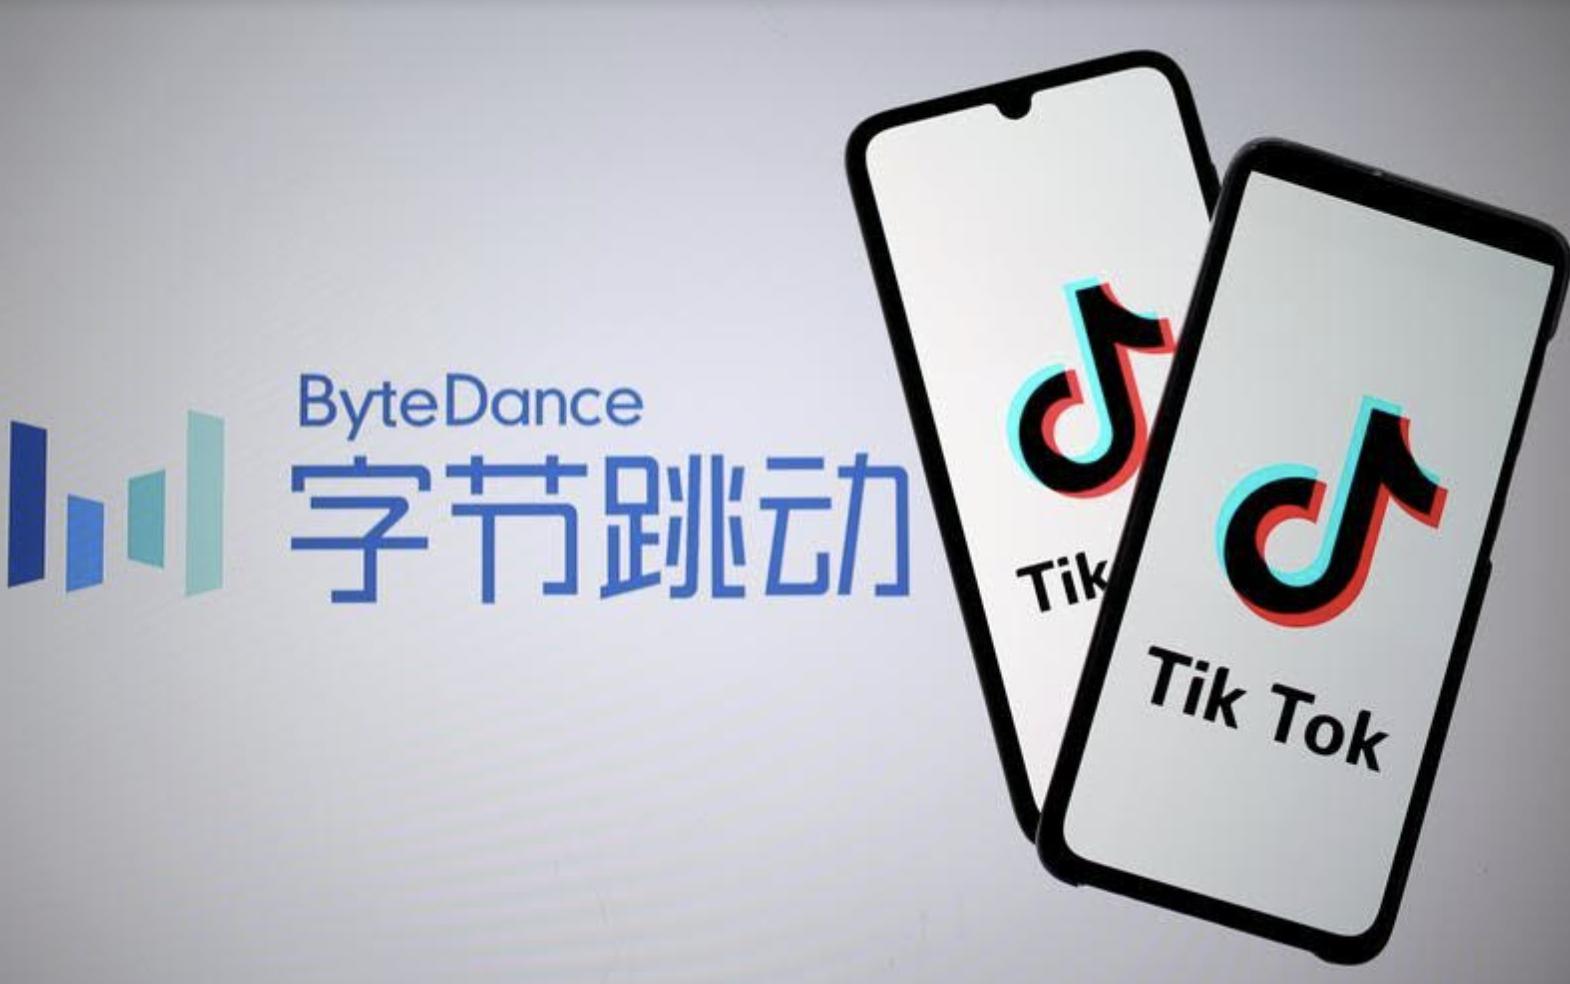 Chính phủ Trung Quốc nắm giữ cổ phần trong ByteDance